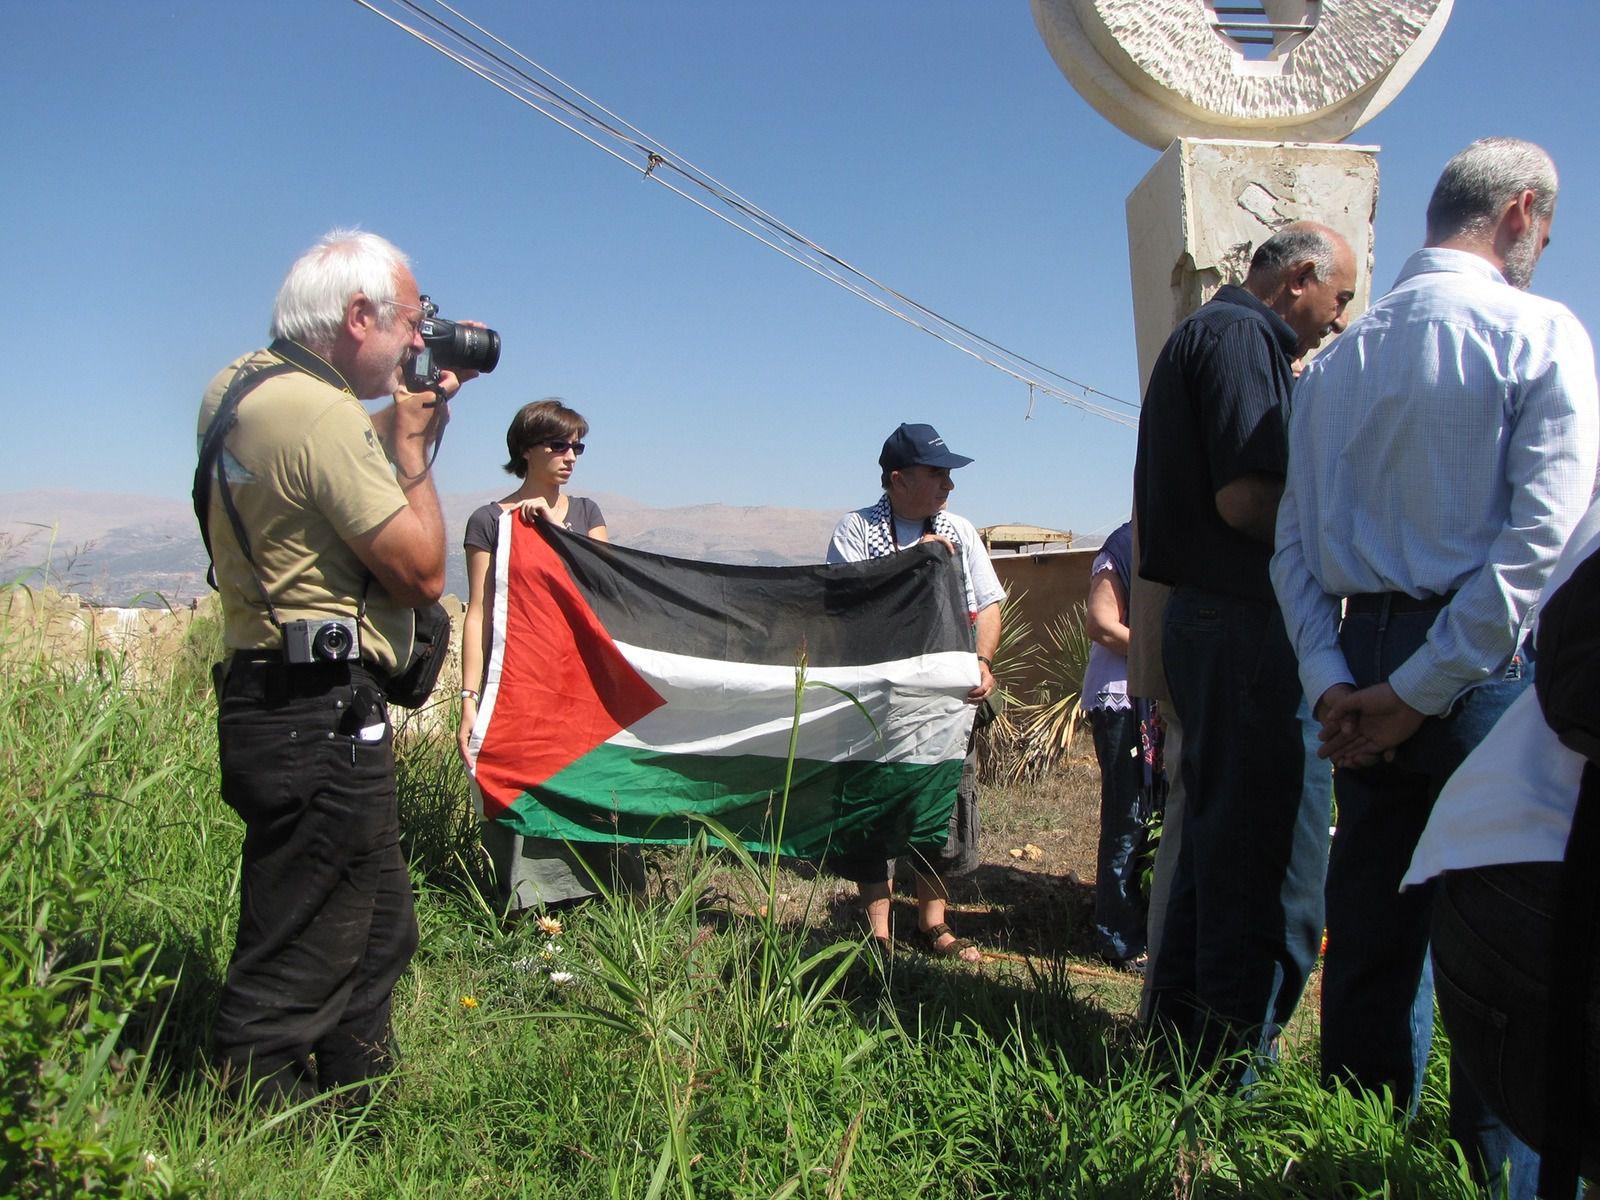 Encore au Liban en septembre 2010, près de la frontière avec Israël, les ruines de la prison de Khiam où des Libanais et des Palestiniens ont été emprisonnés sans jugement dans des minuscules cellules et torturés par l'armée israélienne qui occupait le Sud Liban et ses collabos phalangistes. Et Jean-Marc toujours avec son appareil photo pour témoigner ! - Yvonne et Piero Rainero